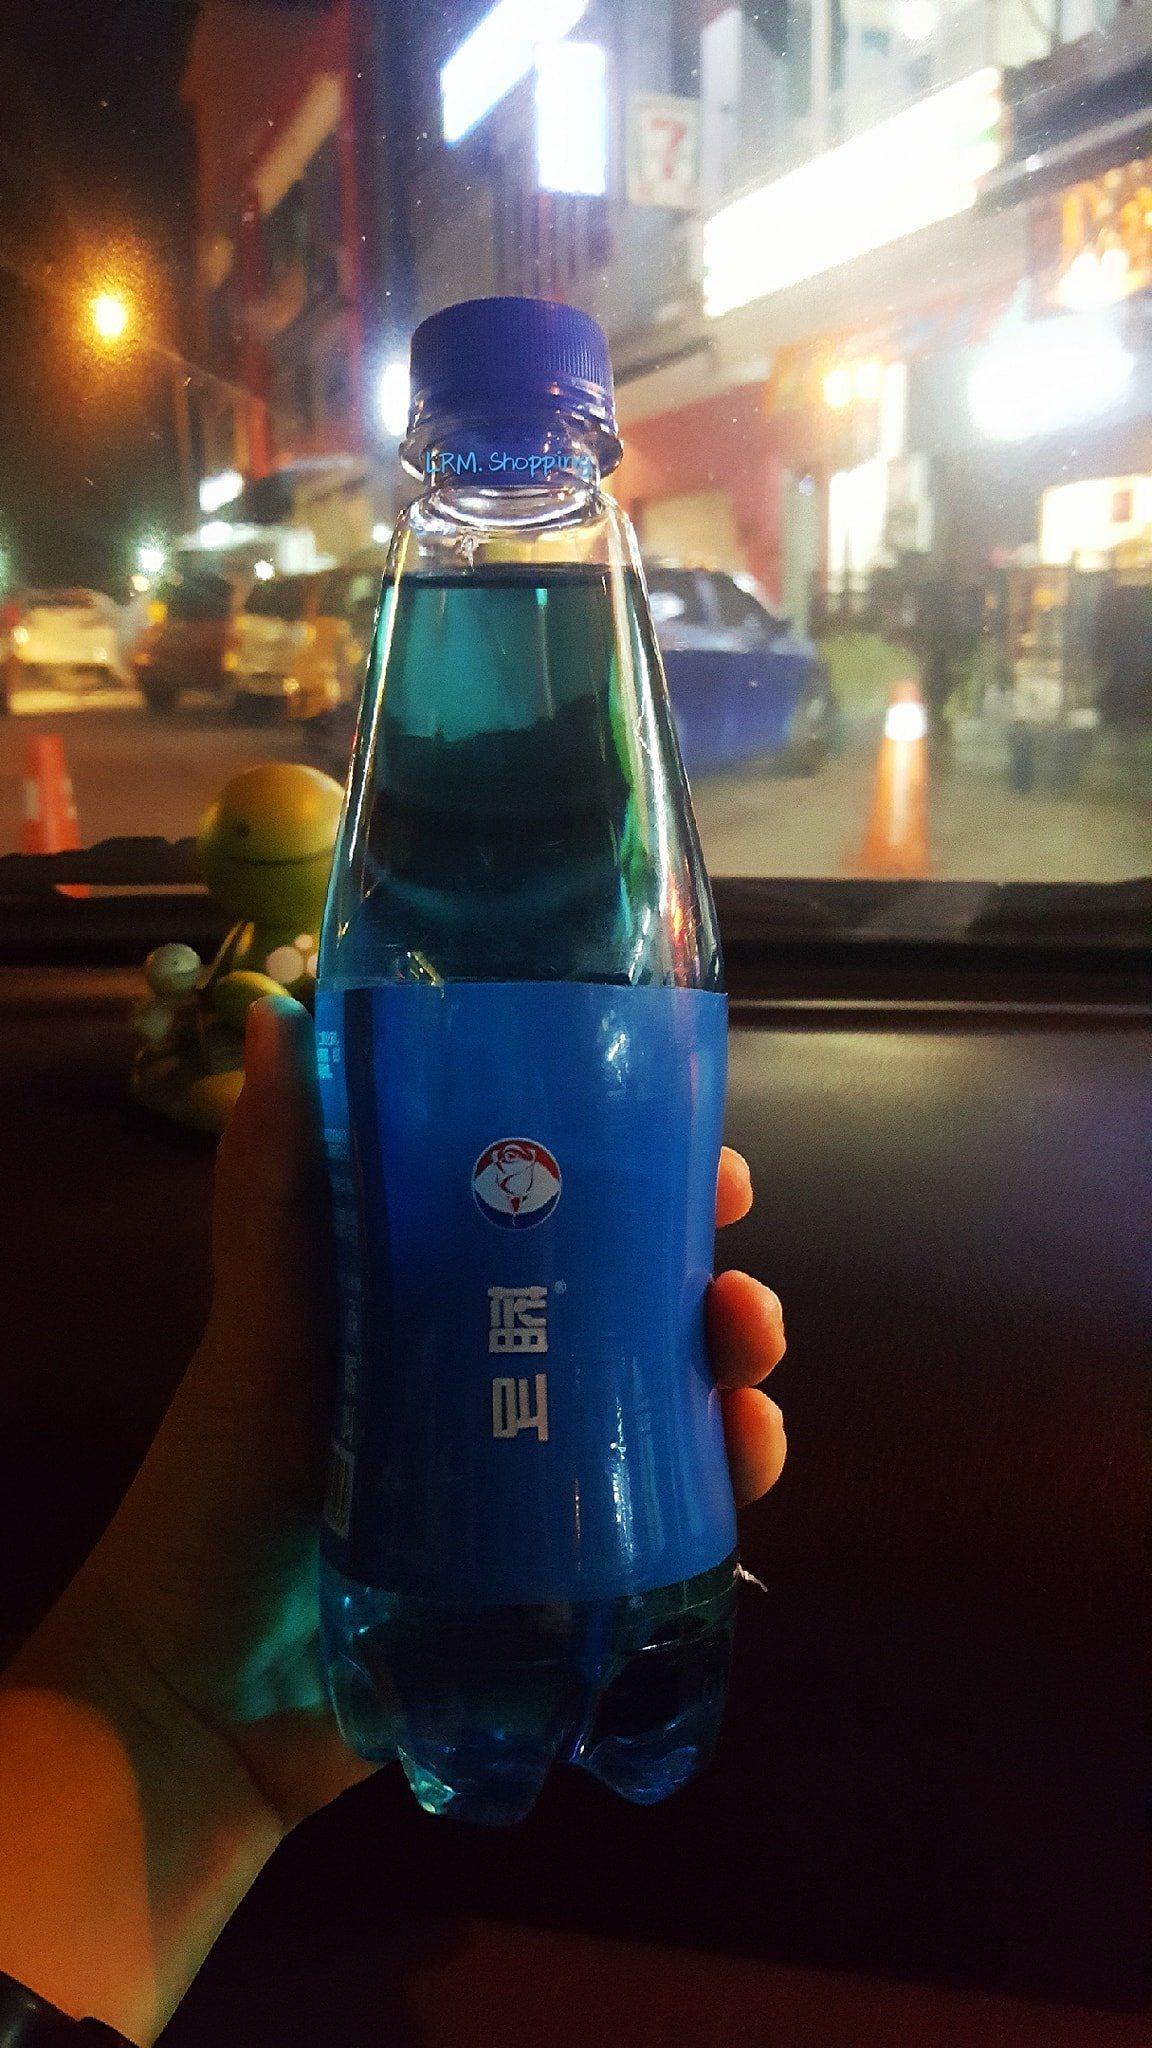 想喝喝看藍叫可樂嗎?圖/摘自新浪微博